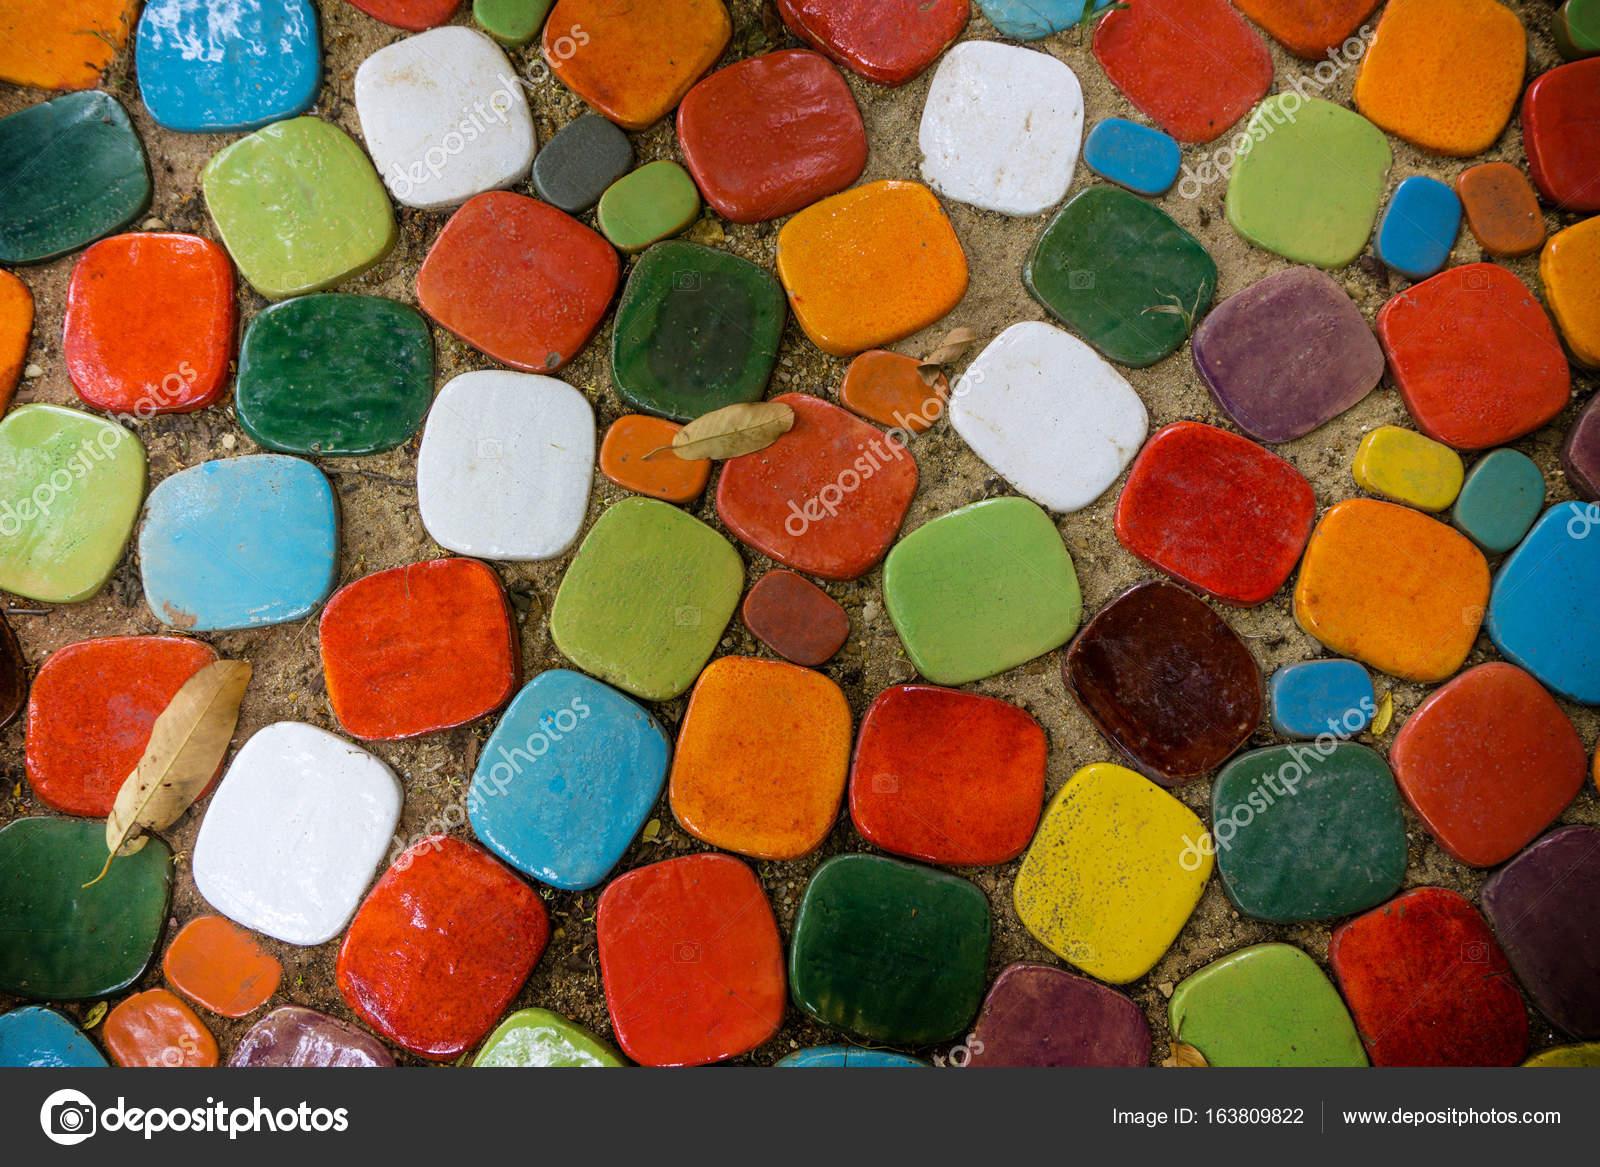 Aus Was Besteht Keramik der boden besteht aus bunten keramik stockfoto pkproject 163809822